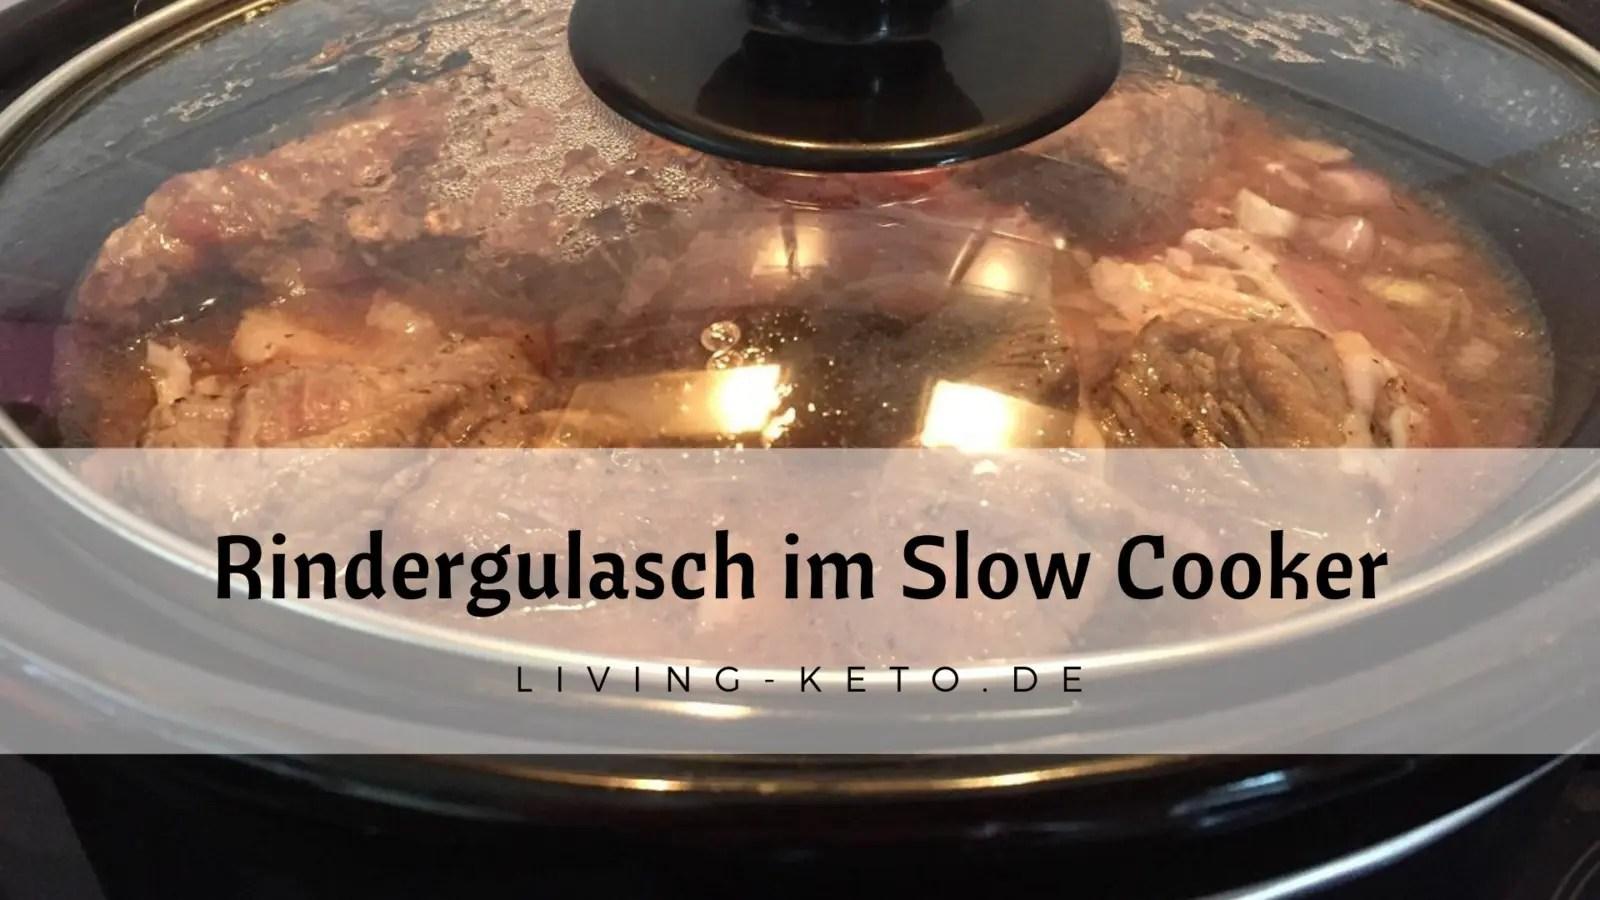 Rindergulasch im Slow Cooker